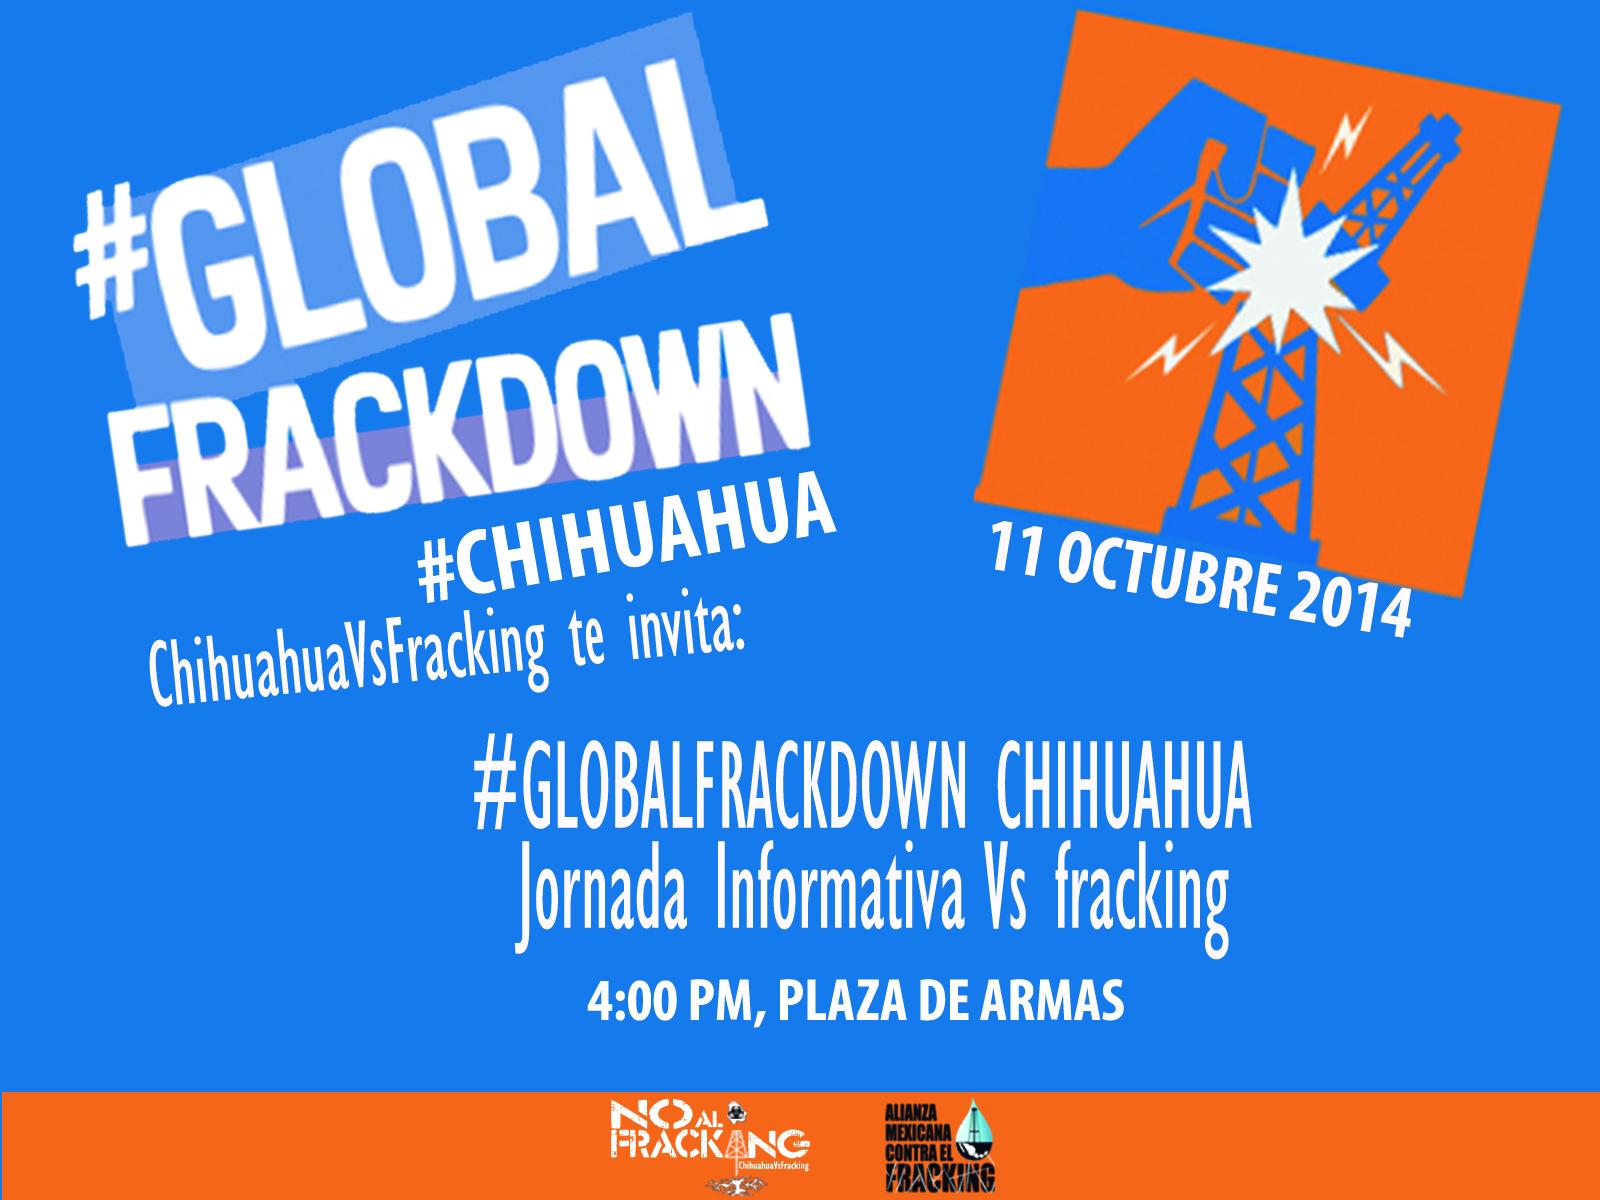 Global frackdown Chih vs fracking